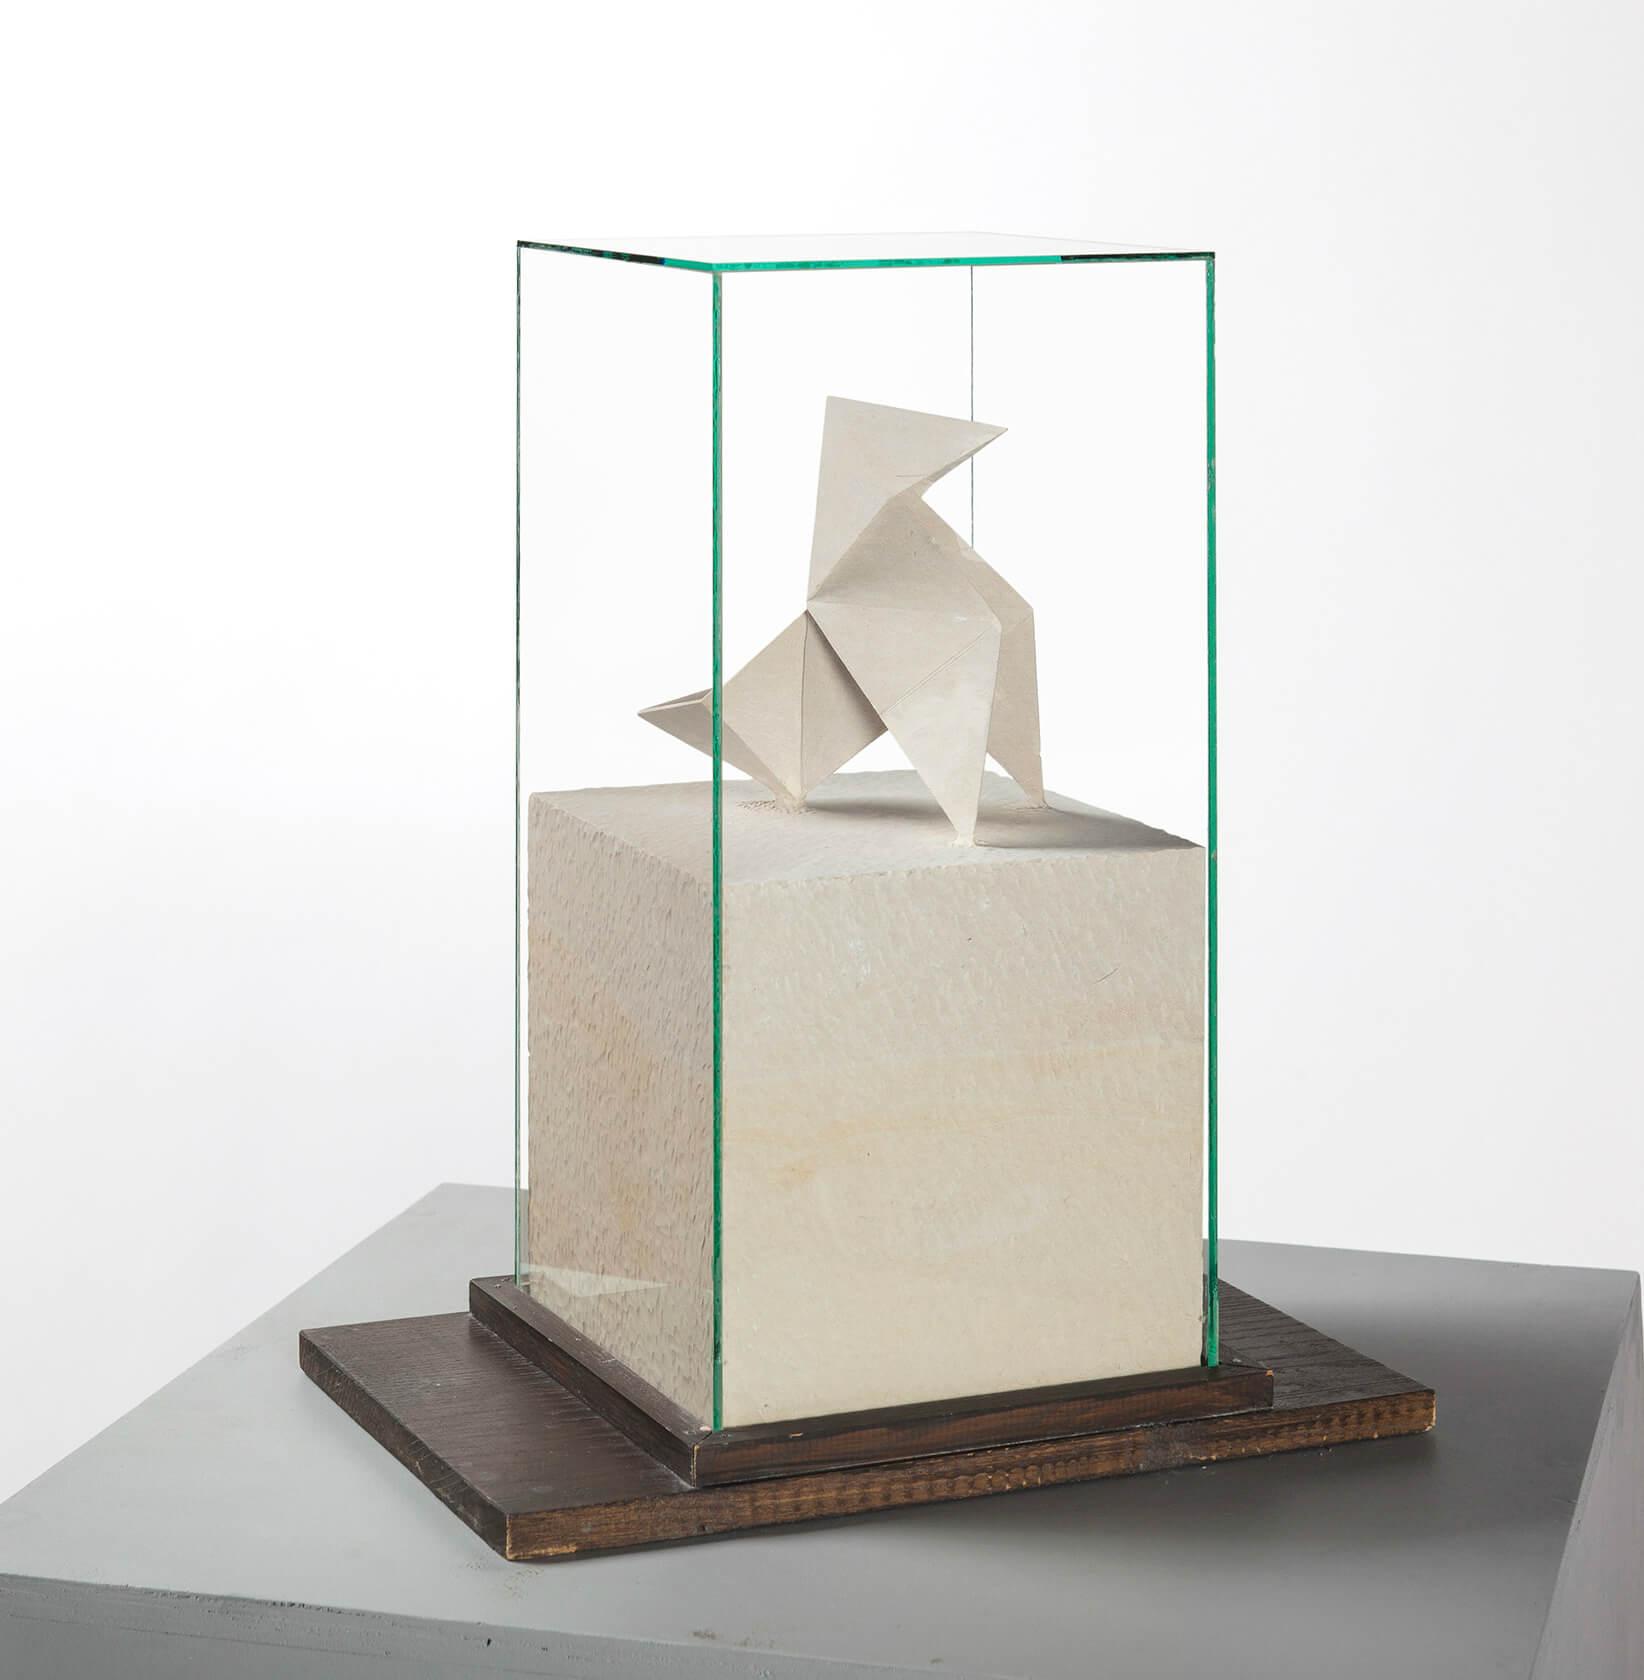 Karelle BOIREAU - Cocotte - Pierre calcaire de Blanzay, vitrine en verre matérialisant le bloc d'origine, 42 x 35 x 22 cm